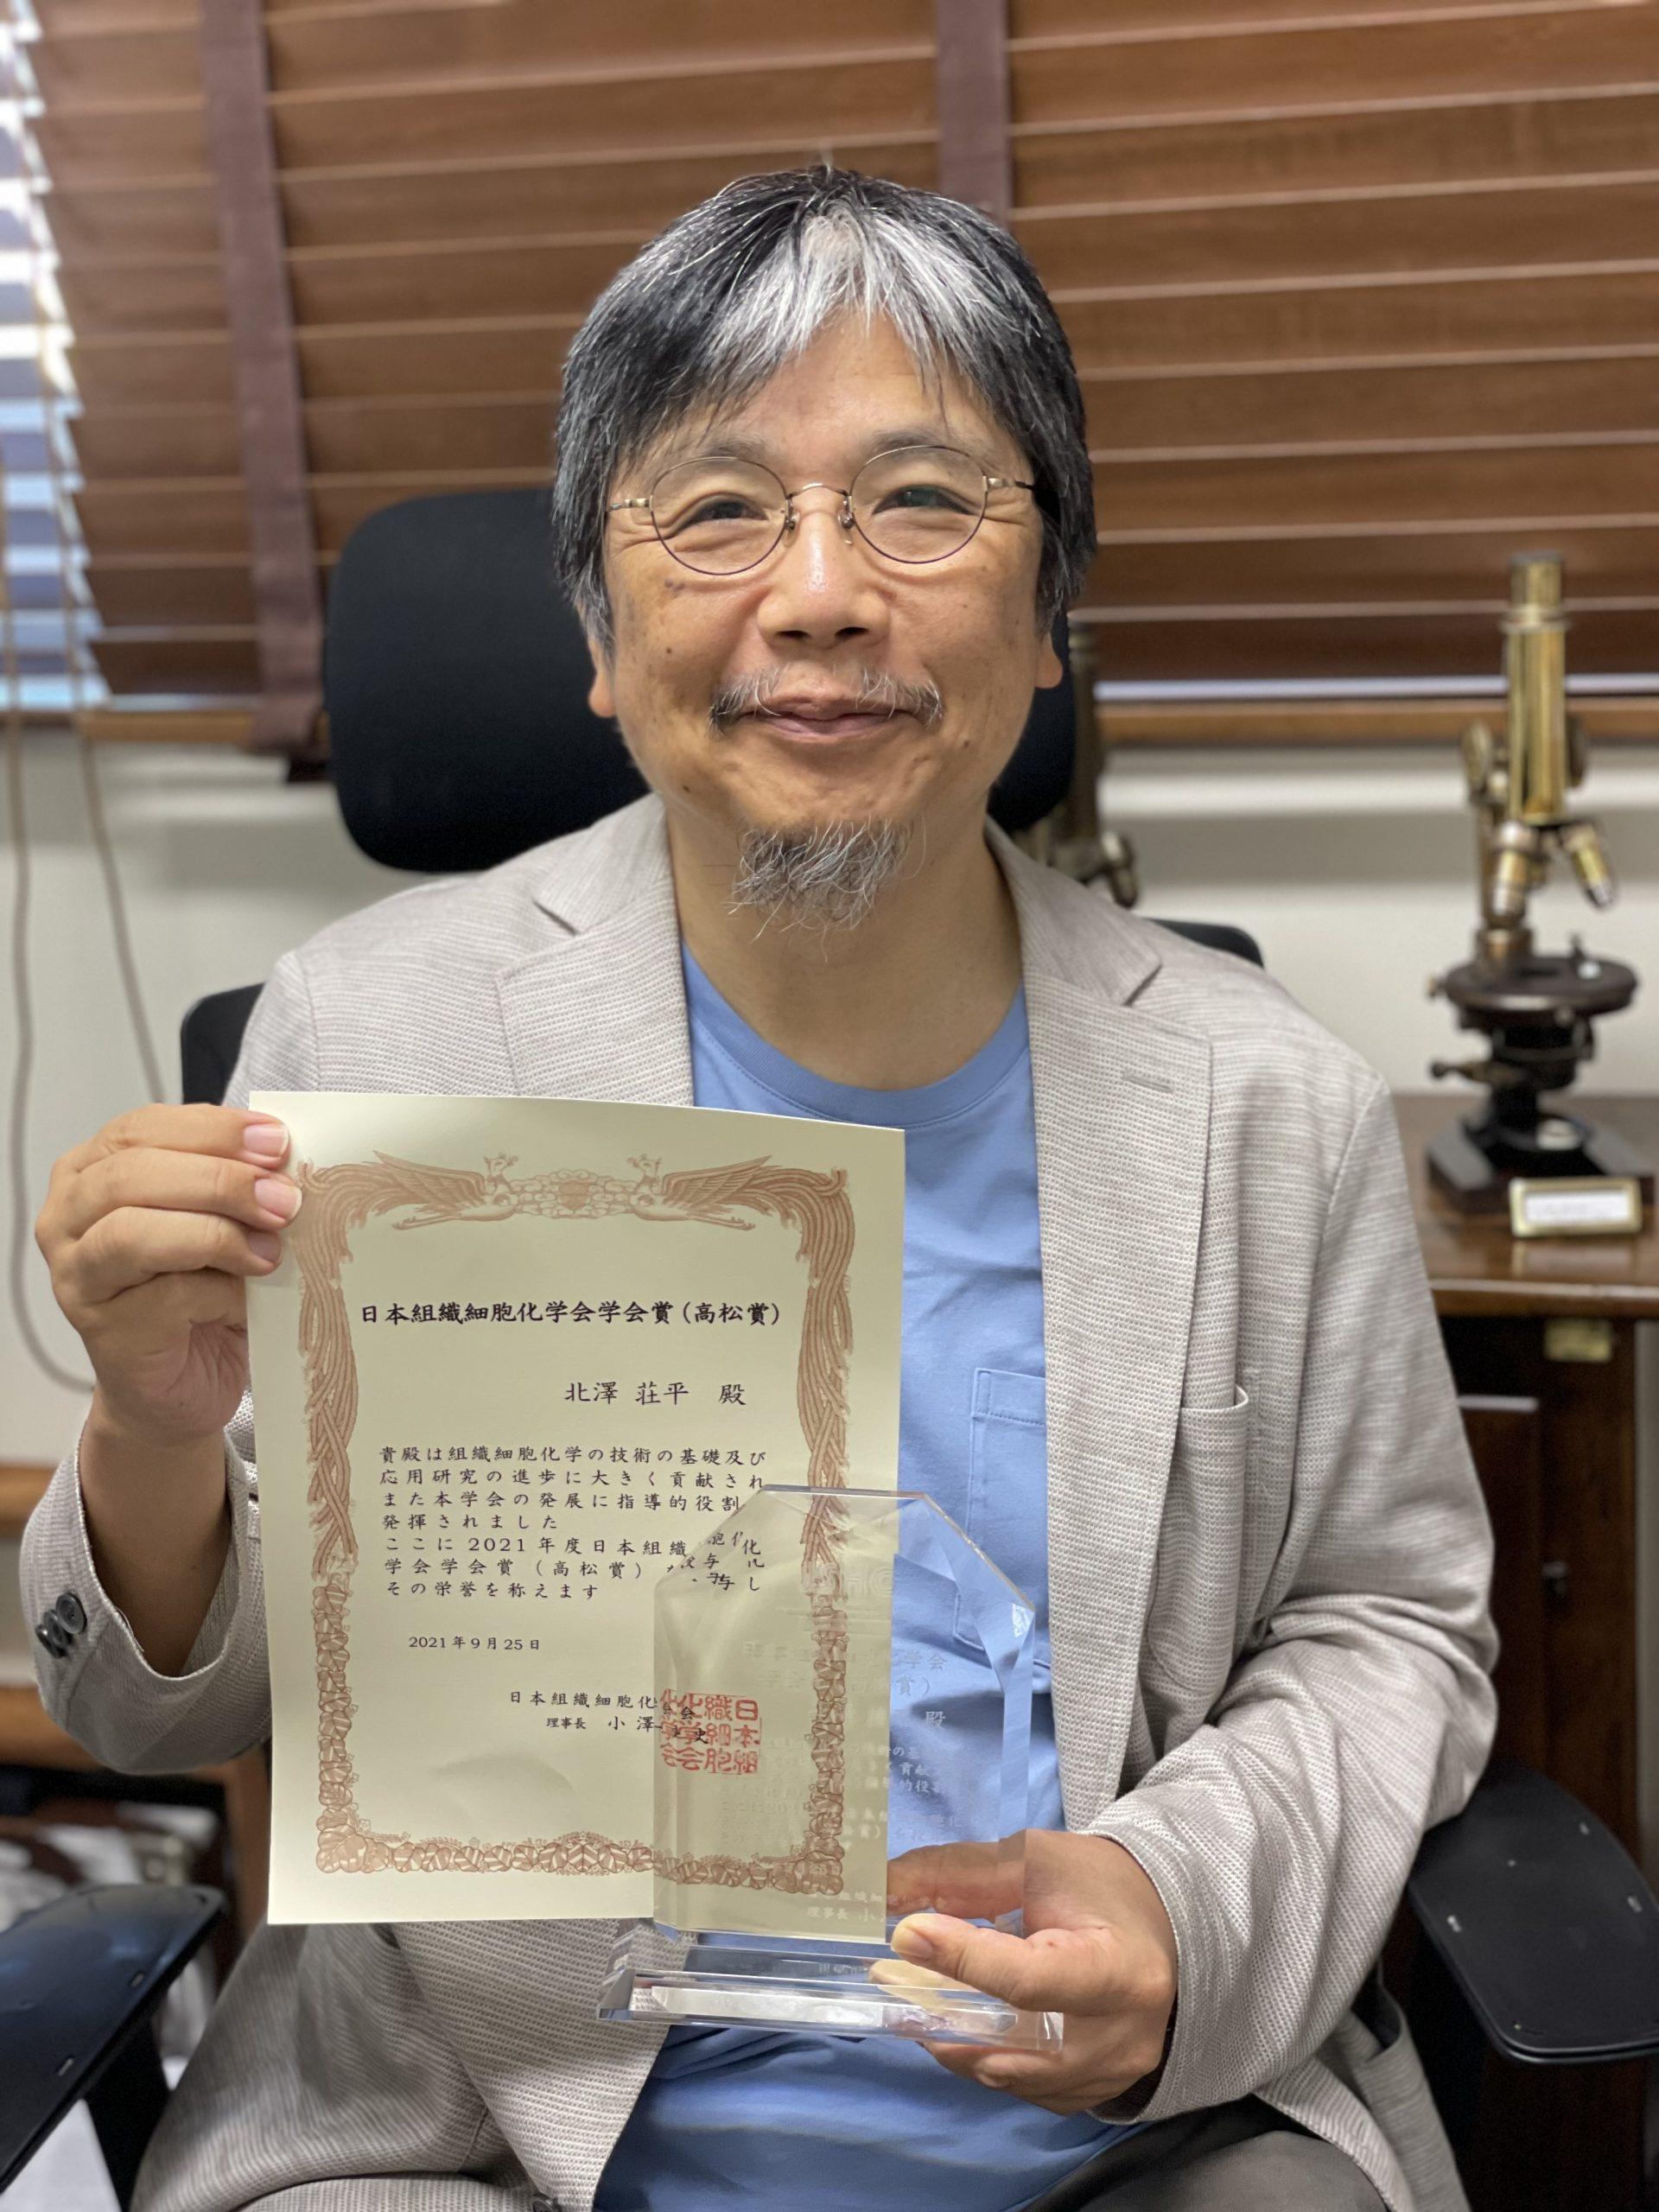 分子病理学講座の北澤荘平教授が日本組織細胞化学会 学会賞(高松賞)を受賞しました